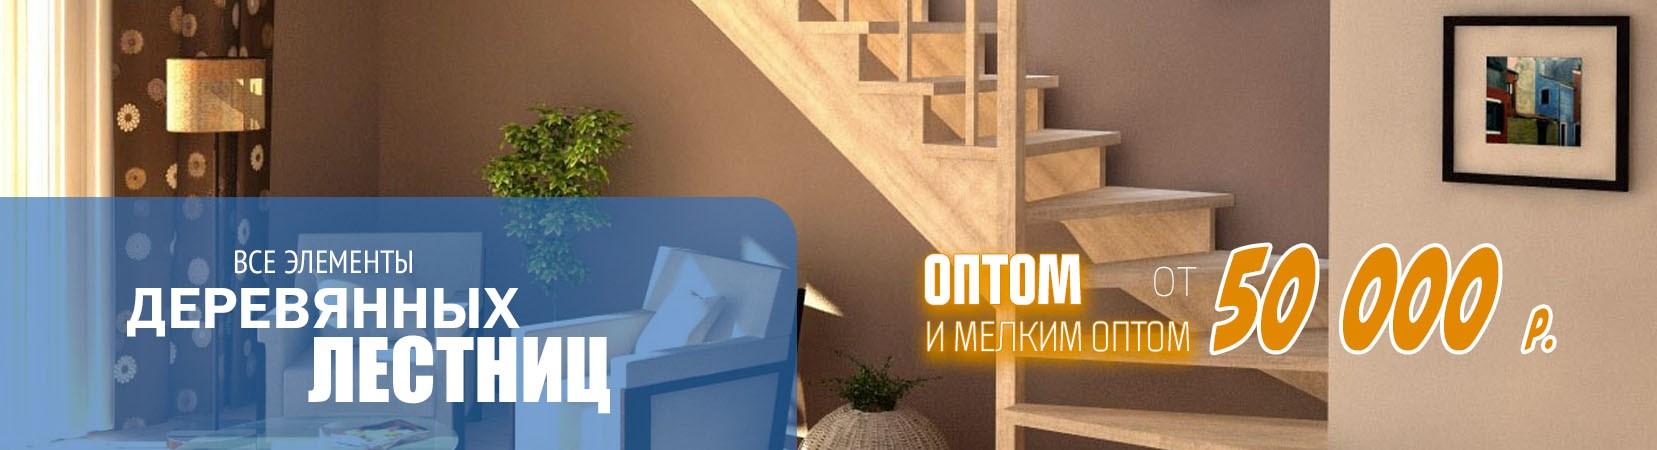 Все элементы для строительства деревянных лестниц